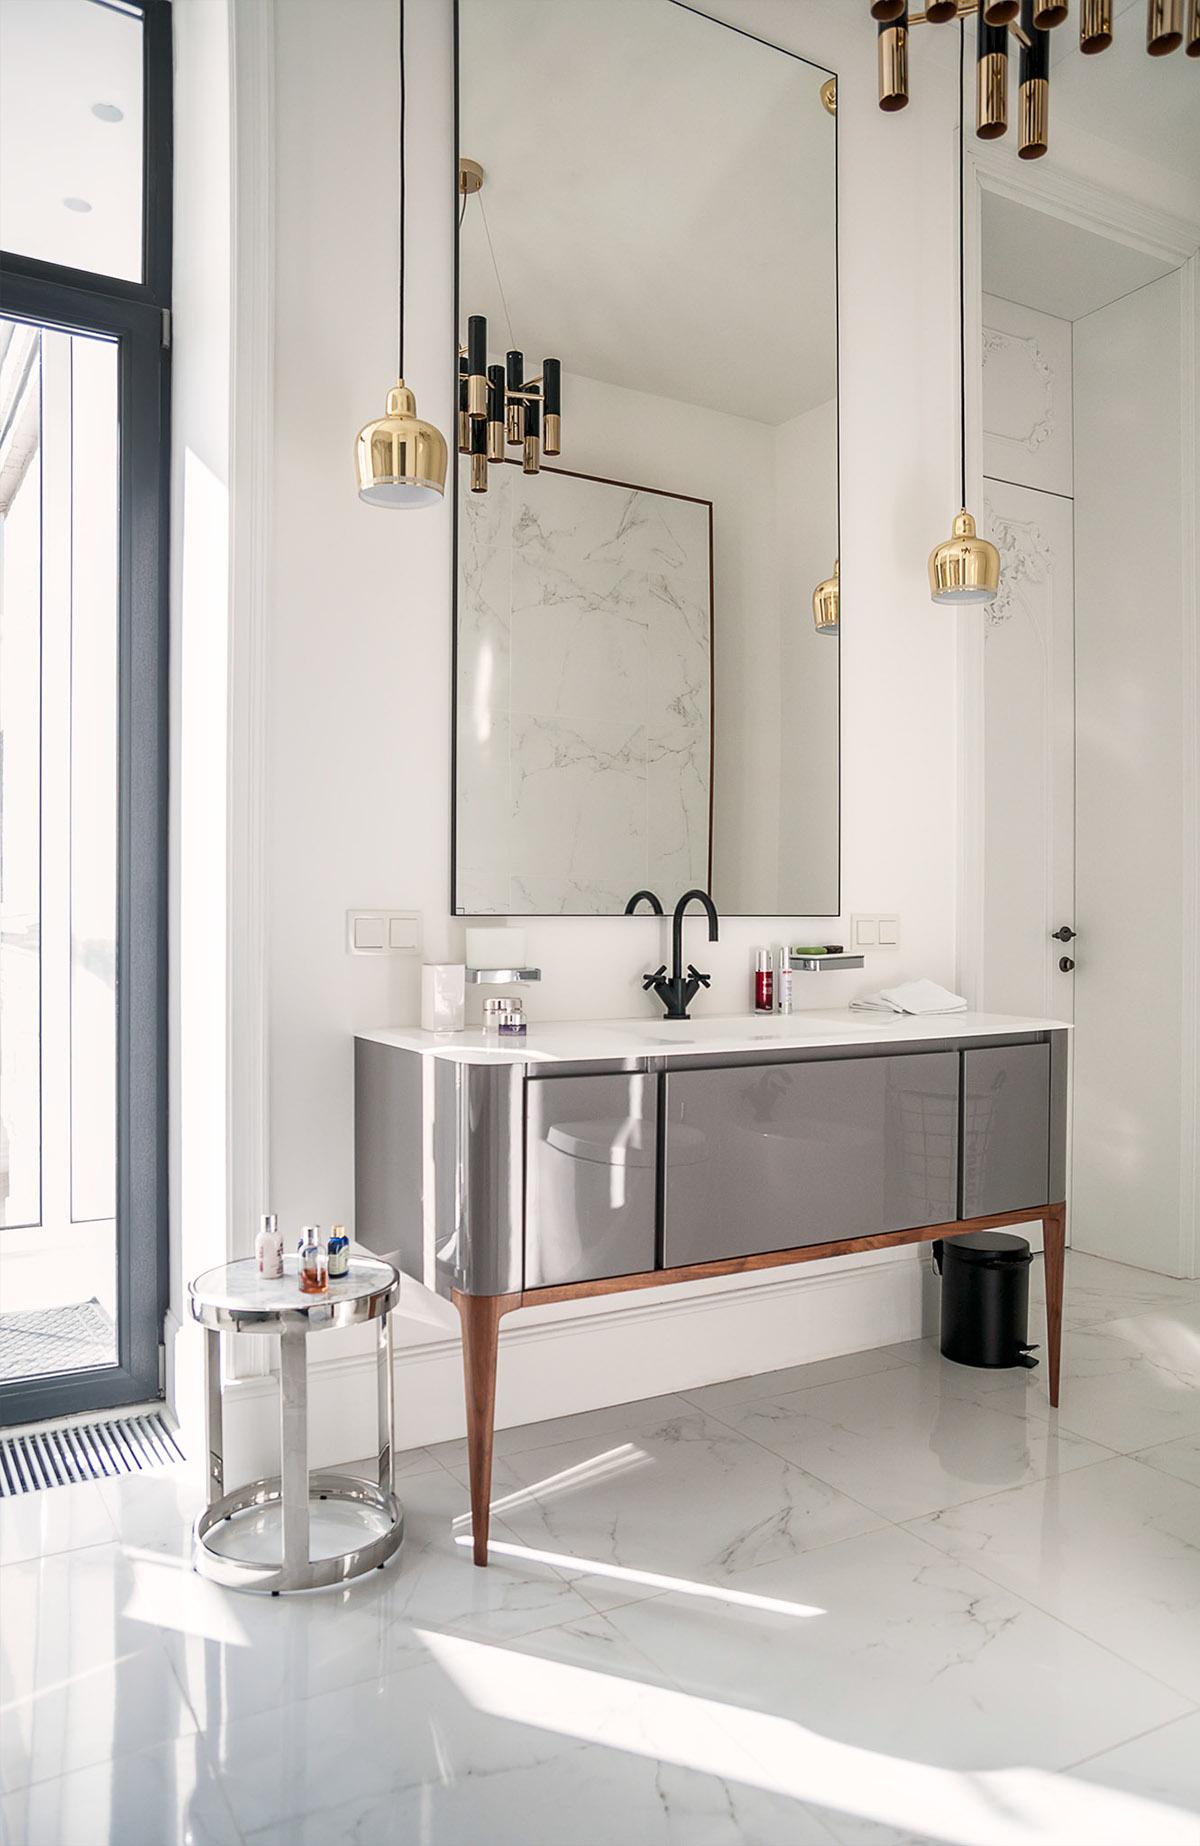 Klassiek chique badkamer door interieurontwerper alain makagon badkamers voorbeelden - Klassieke chique meubels ...